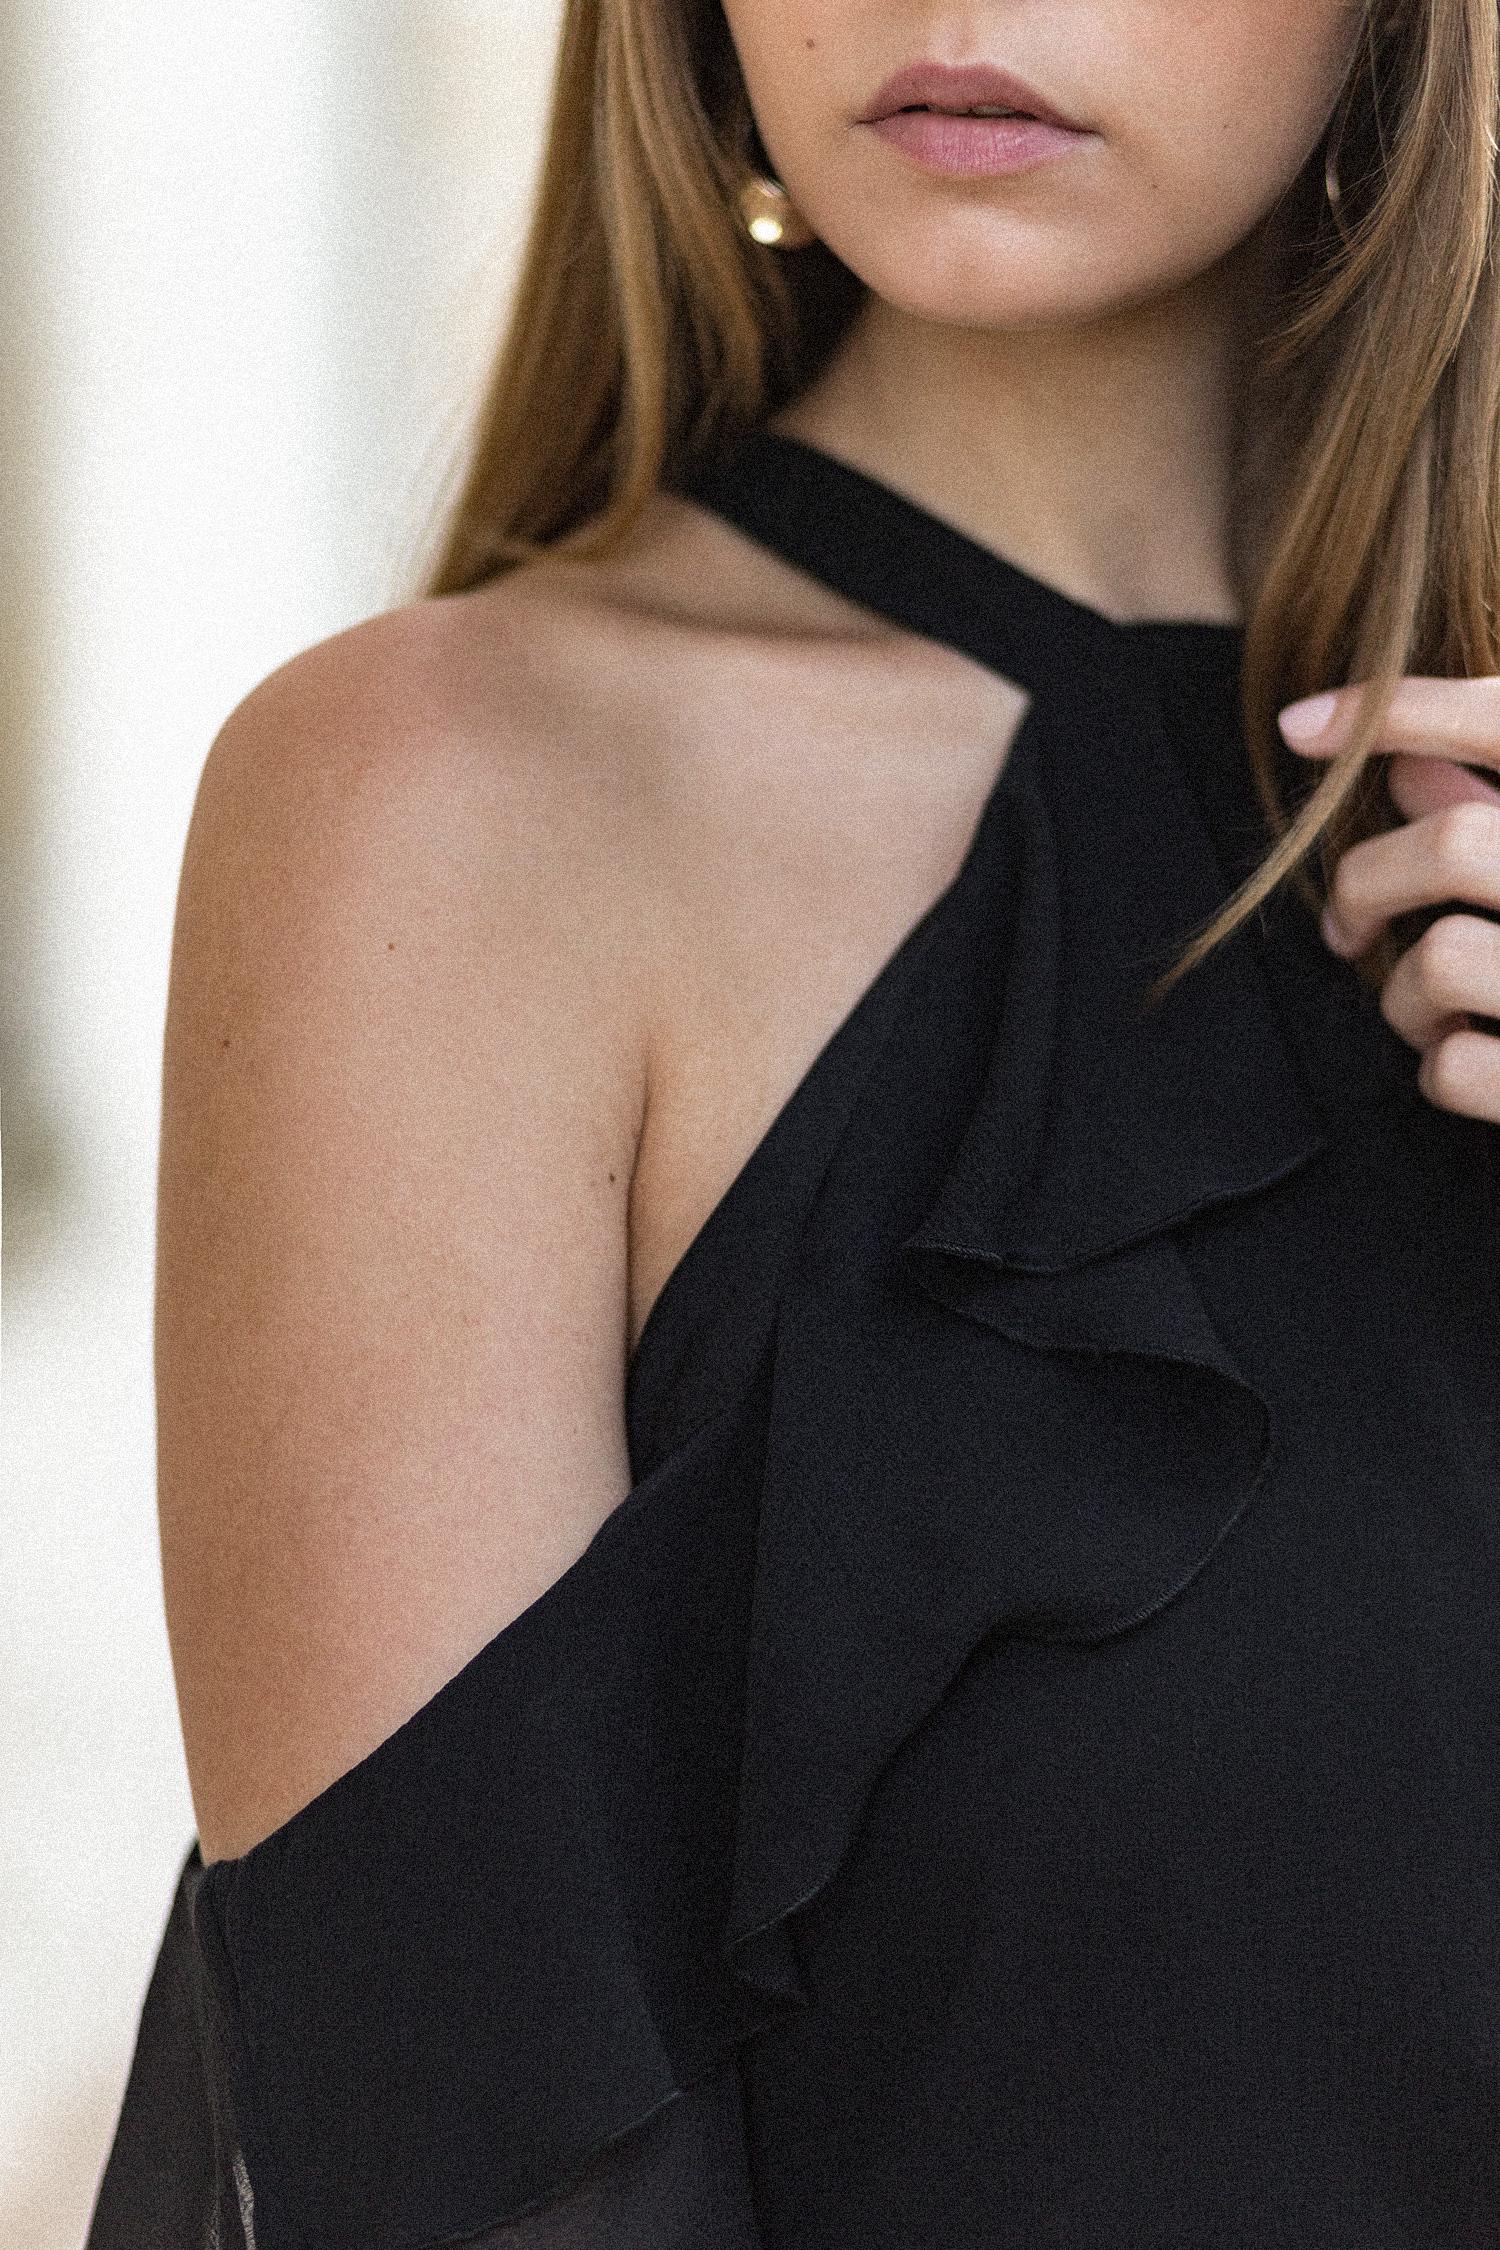 elegantes schwarz wei outfit schulterfreie bluse mit volant mango streifen culotte zara. Black Bedroom Furniture Sets. Home Design Ideas